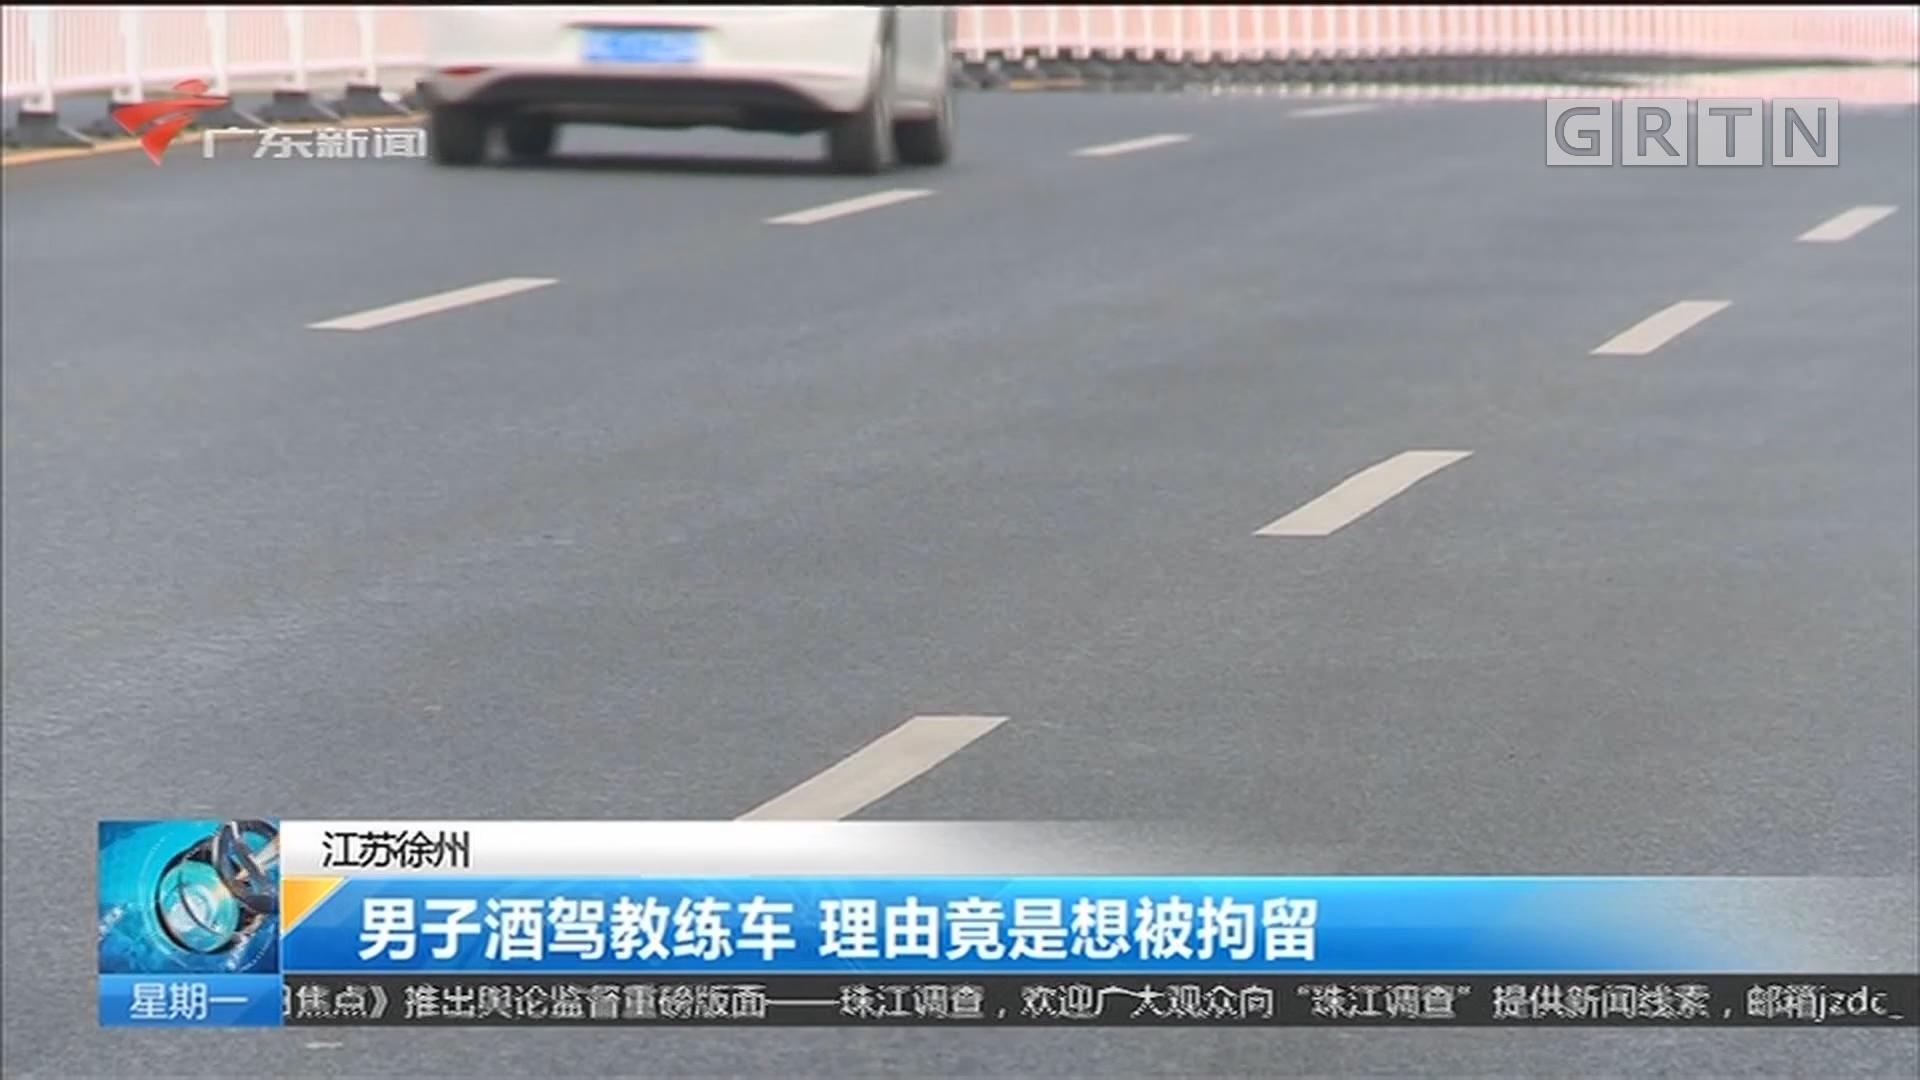 江苏徐州 男子酒驾教练车 理由竟是想被拘留